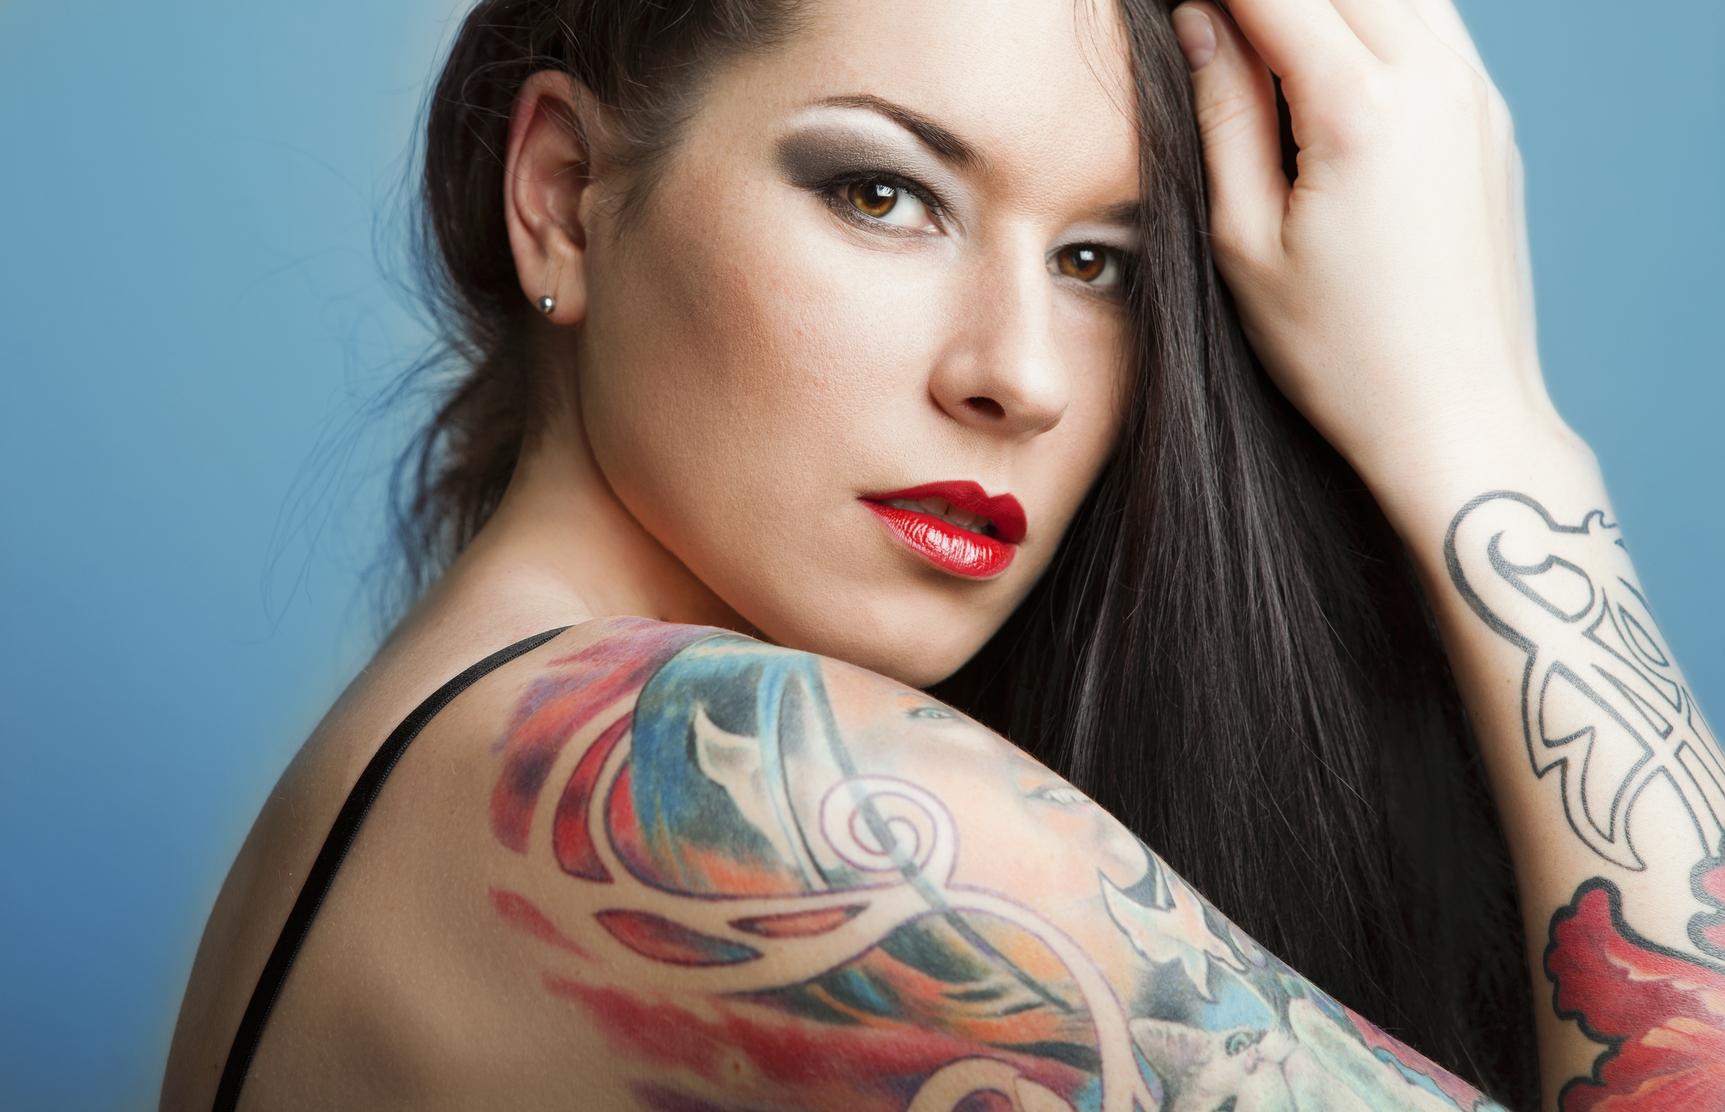 Erica campbell stripper